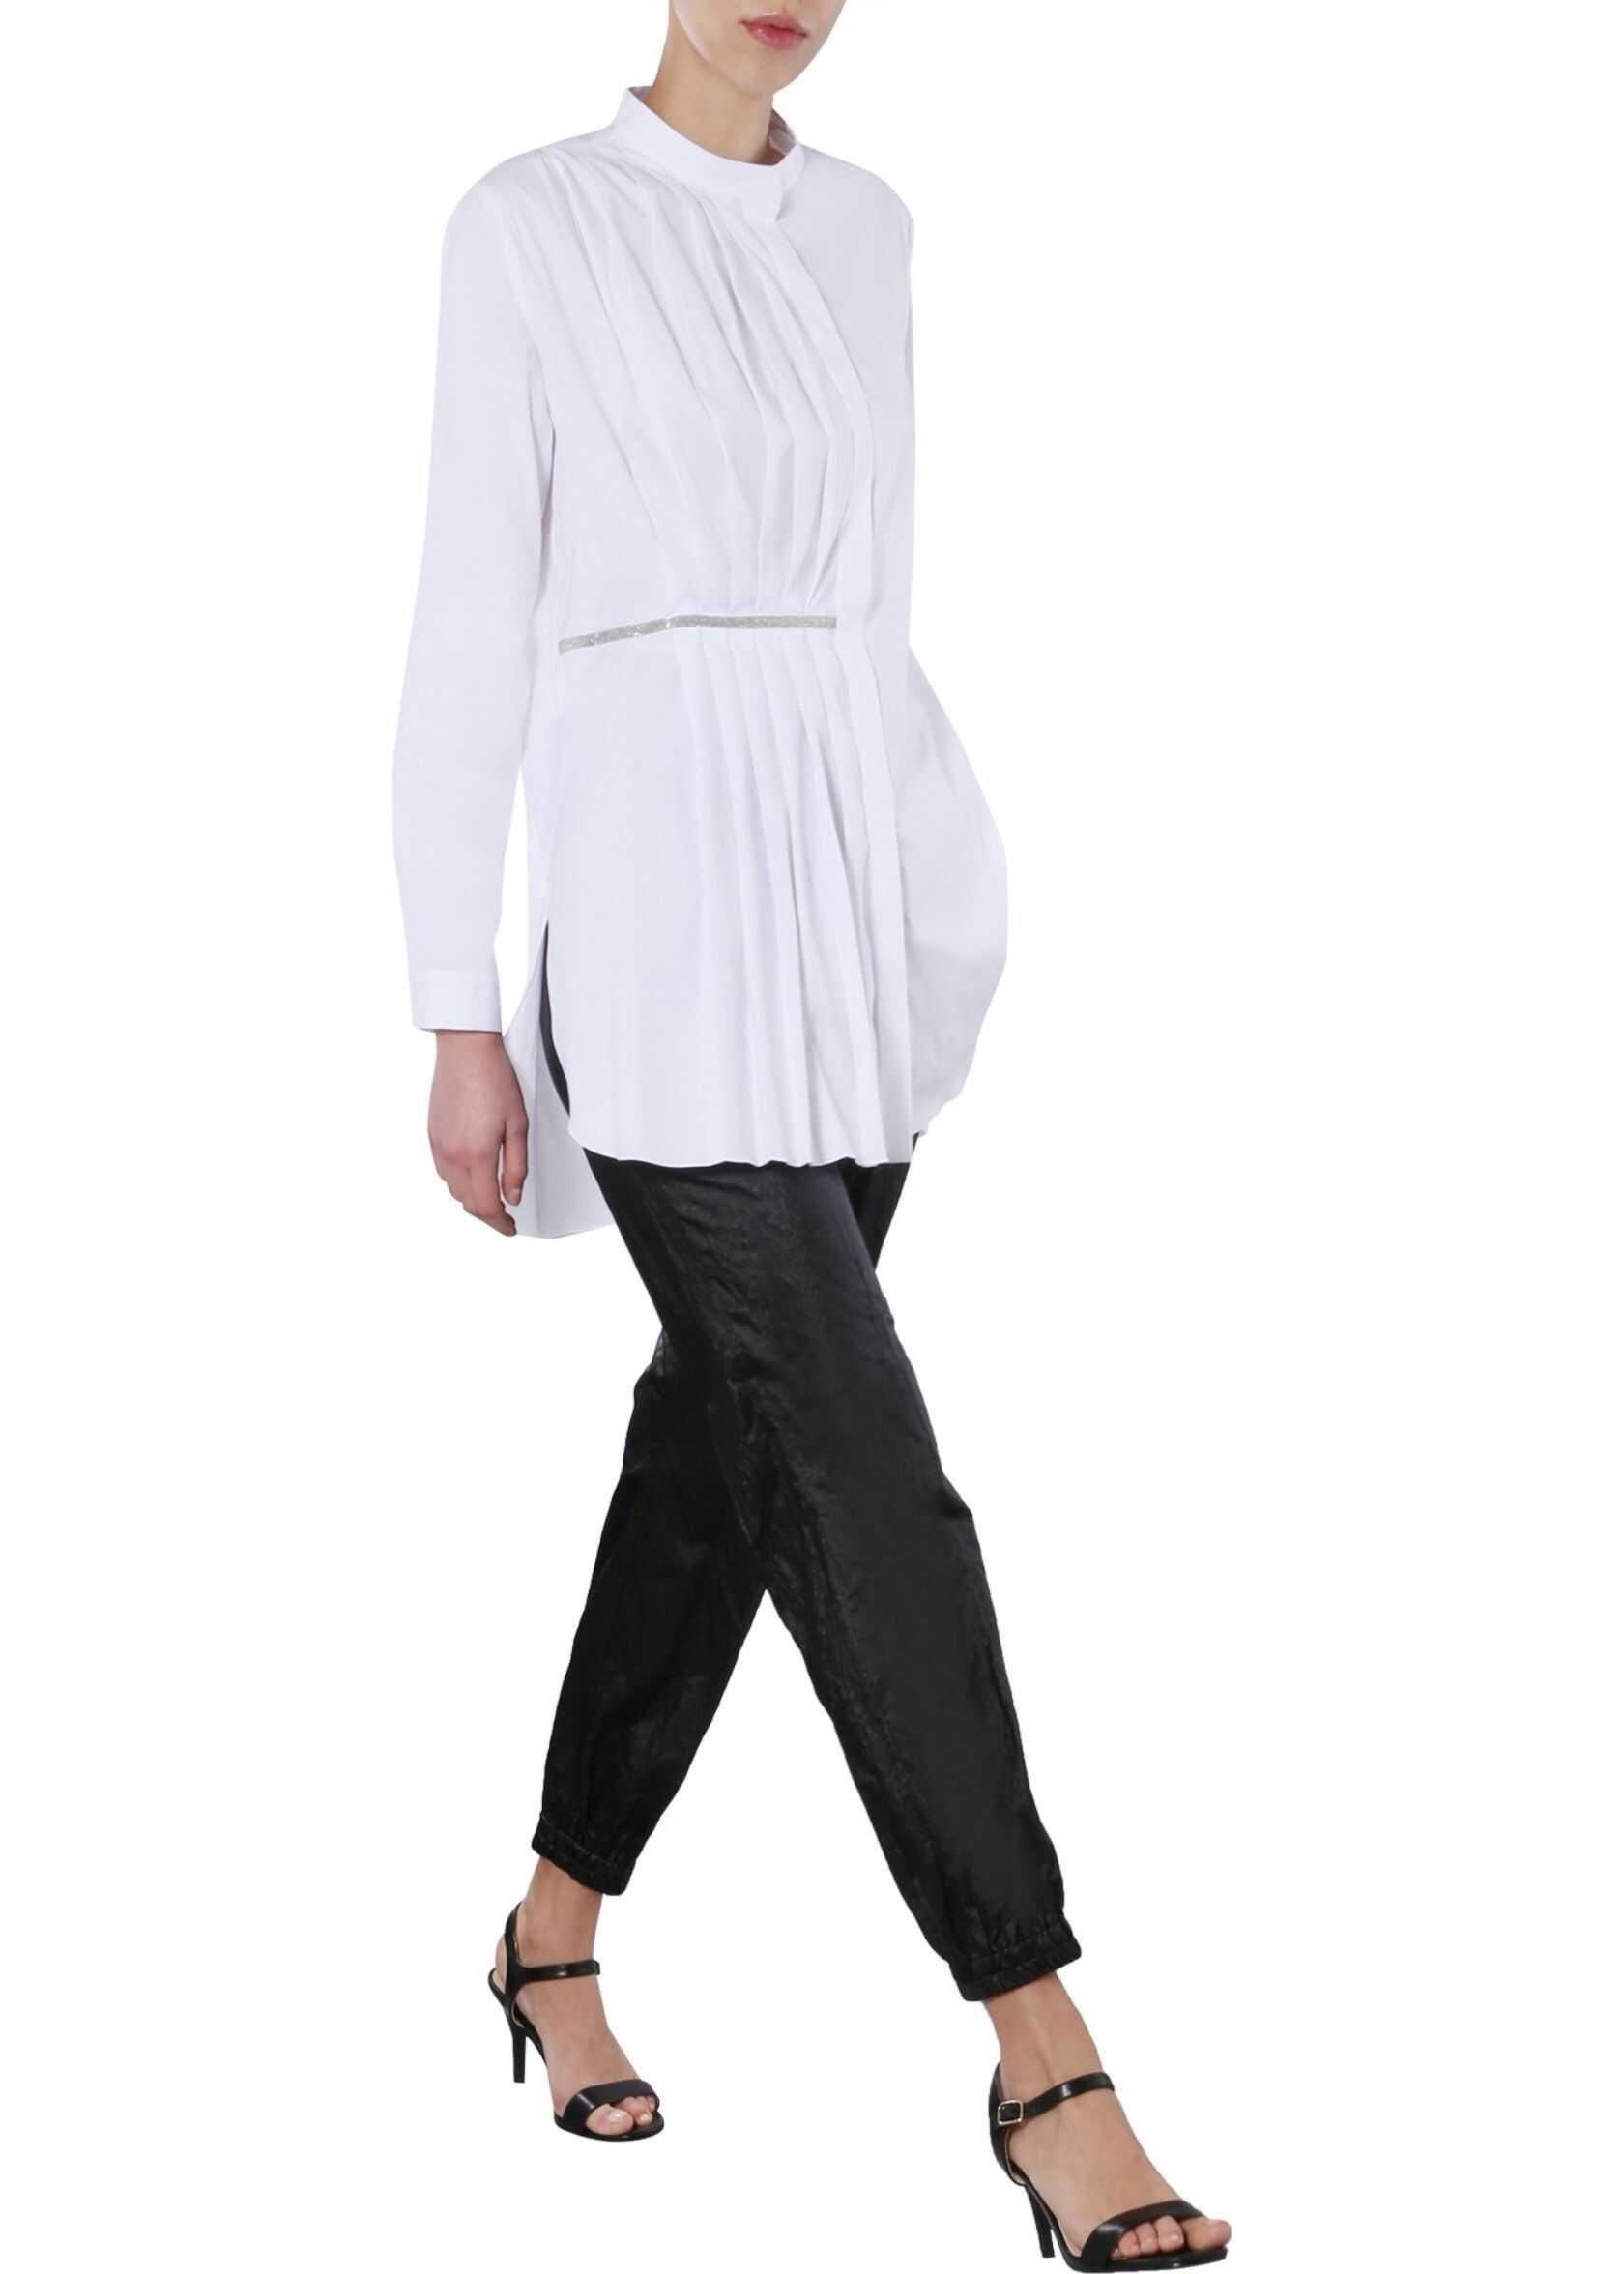 Fabiana Filippi Shirt With Pleats WHITE